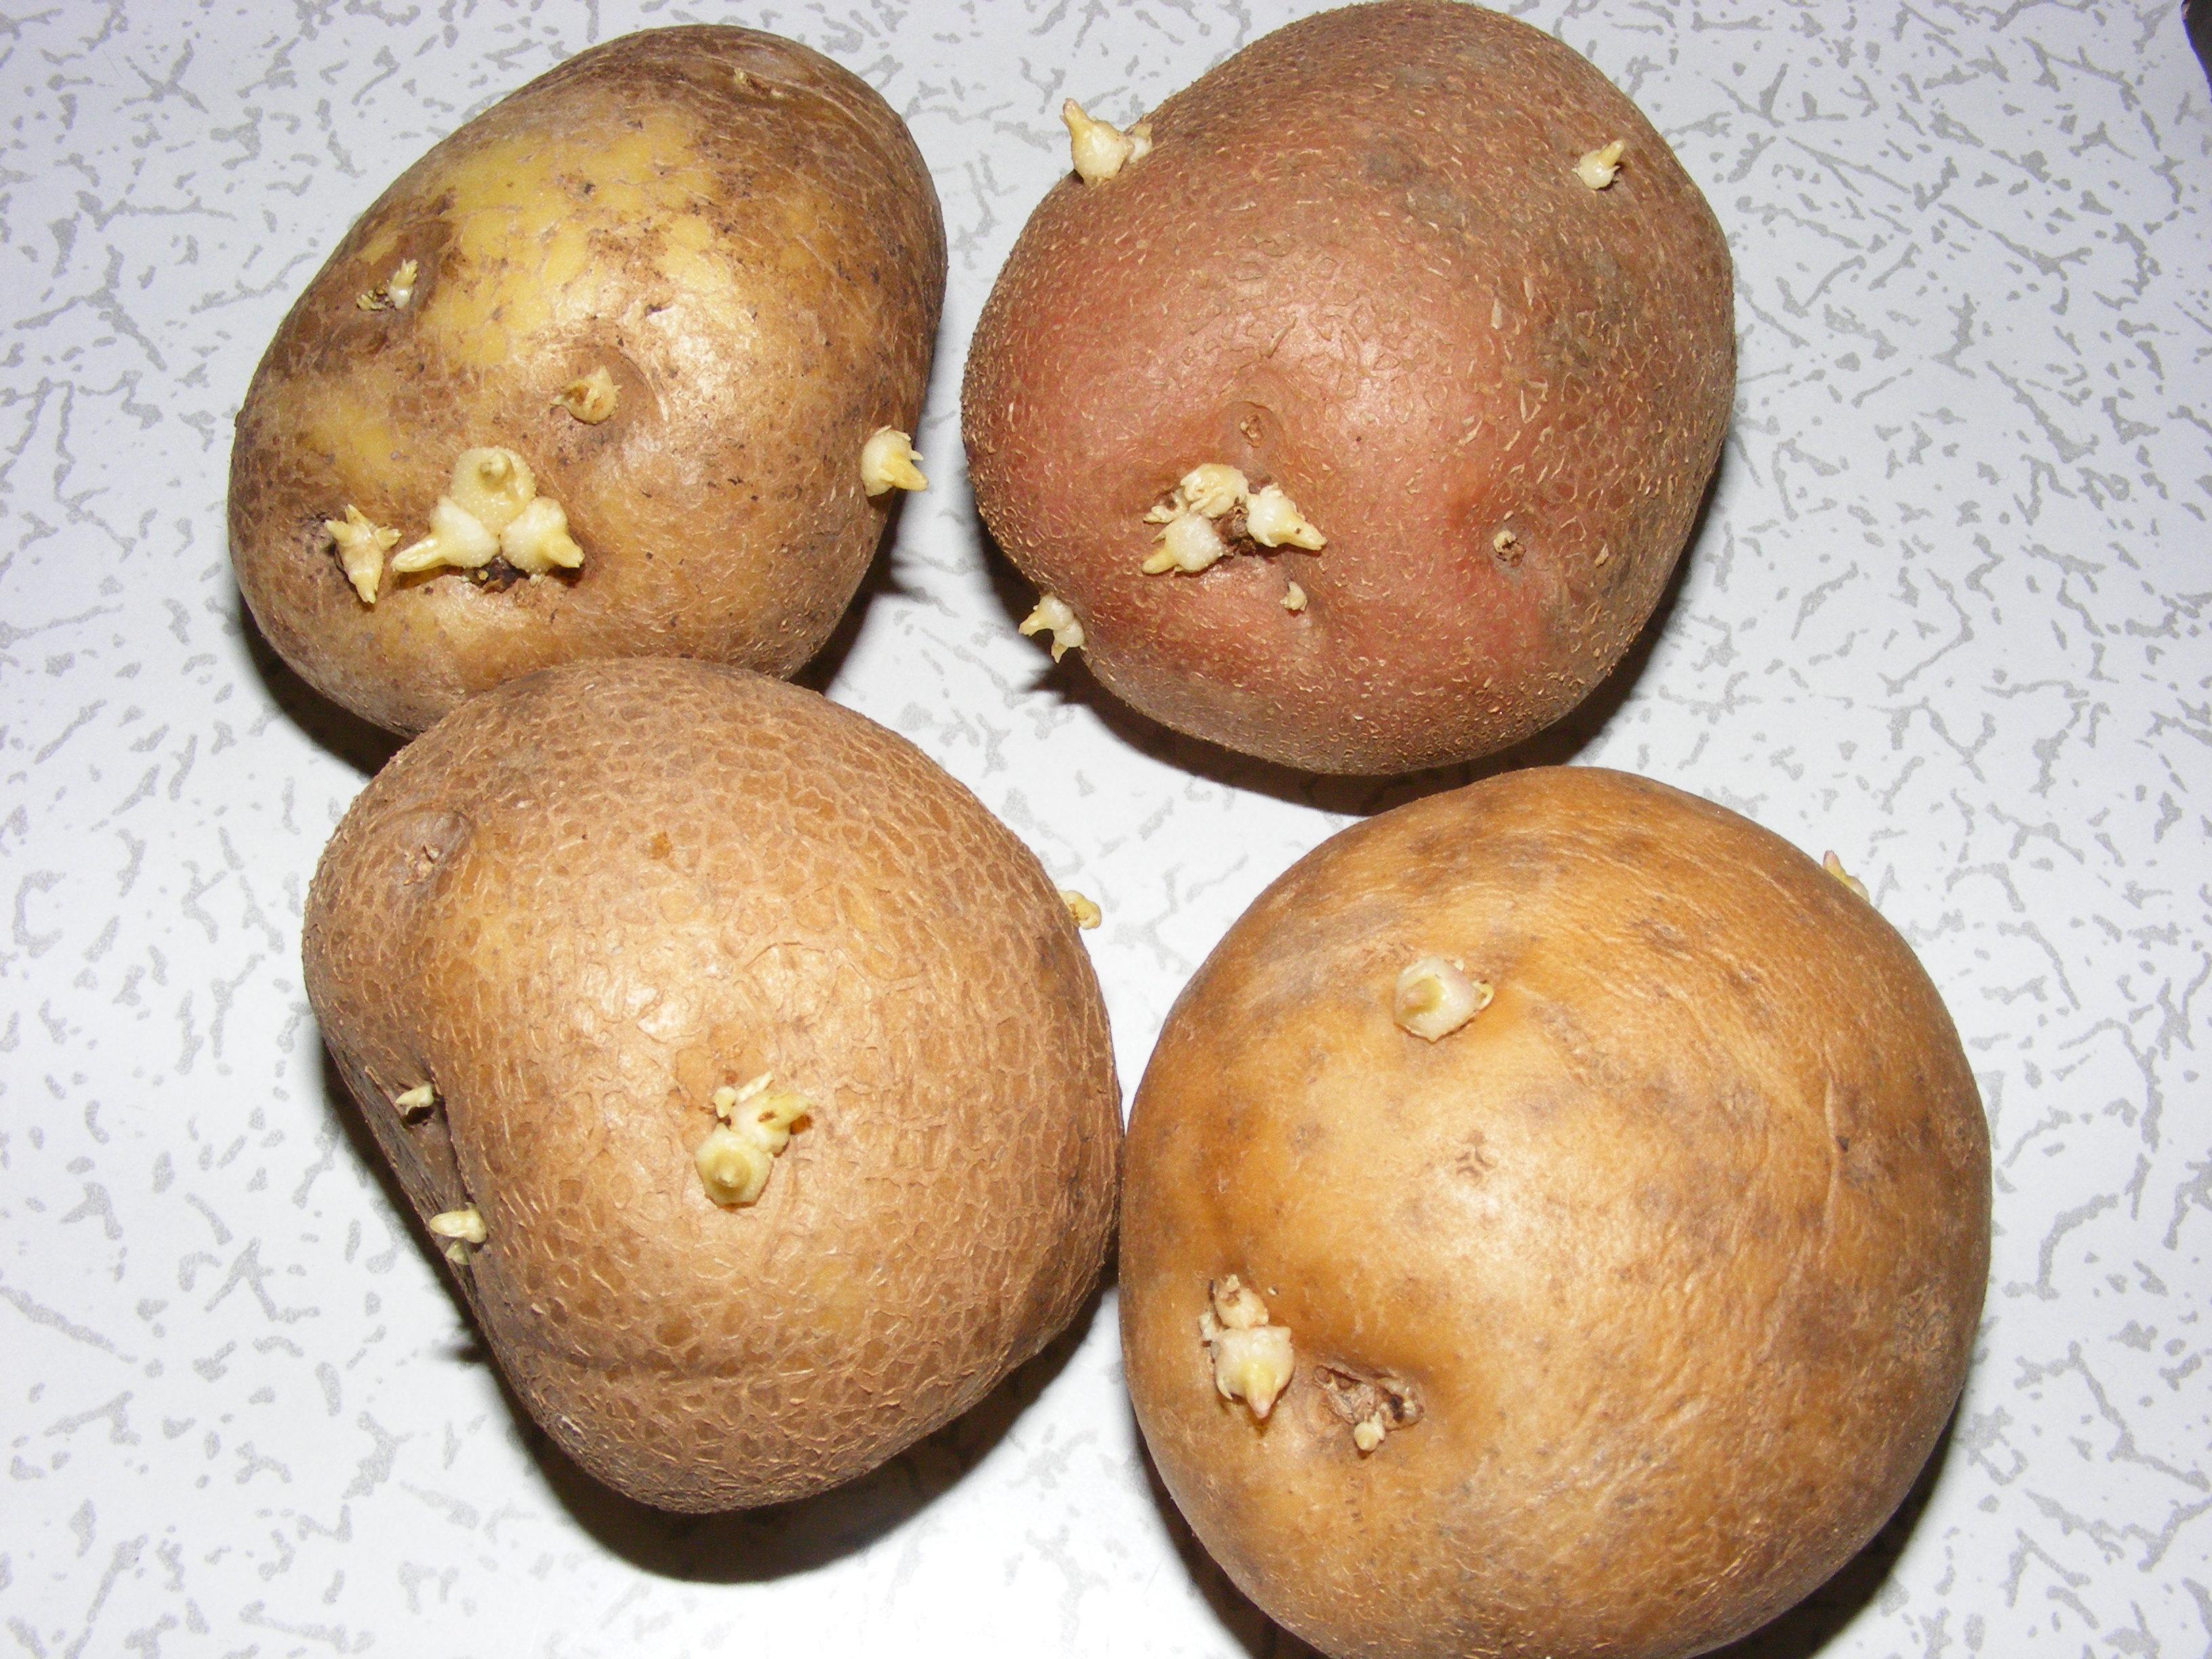 Картофель: болезни клубней фото